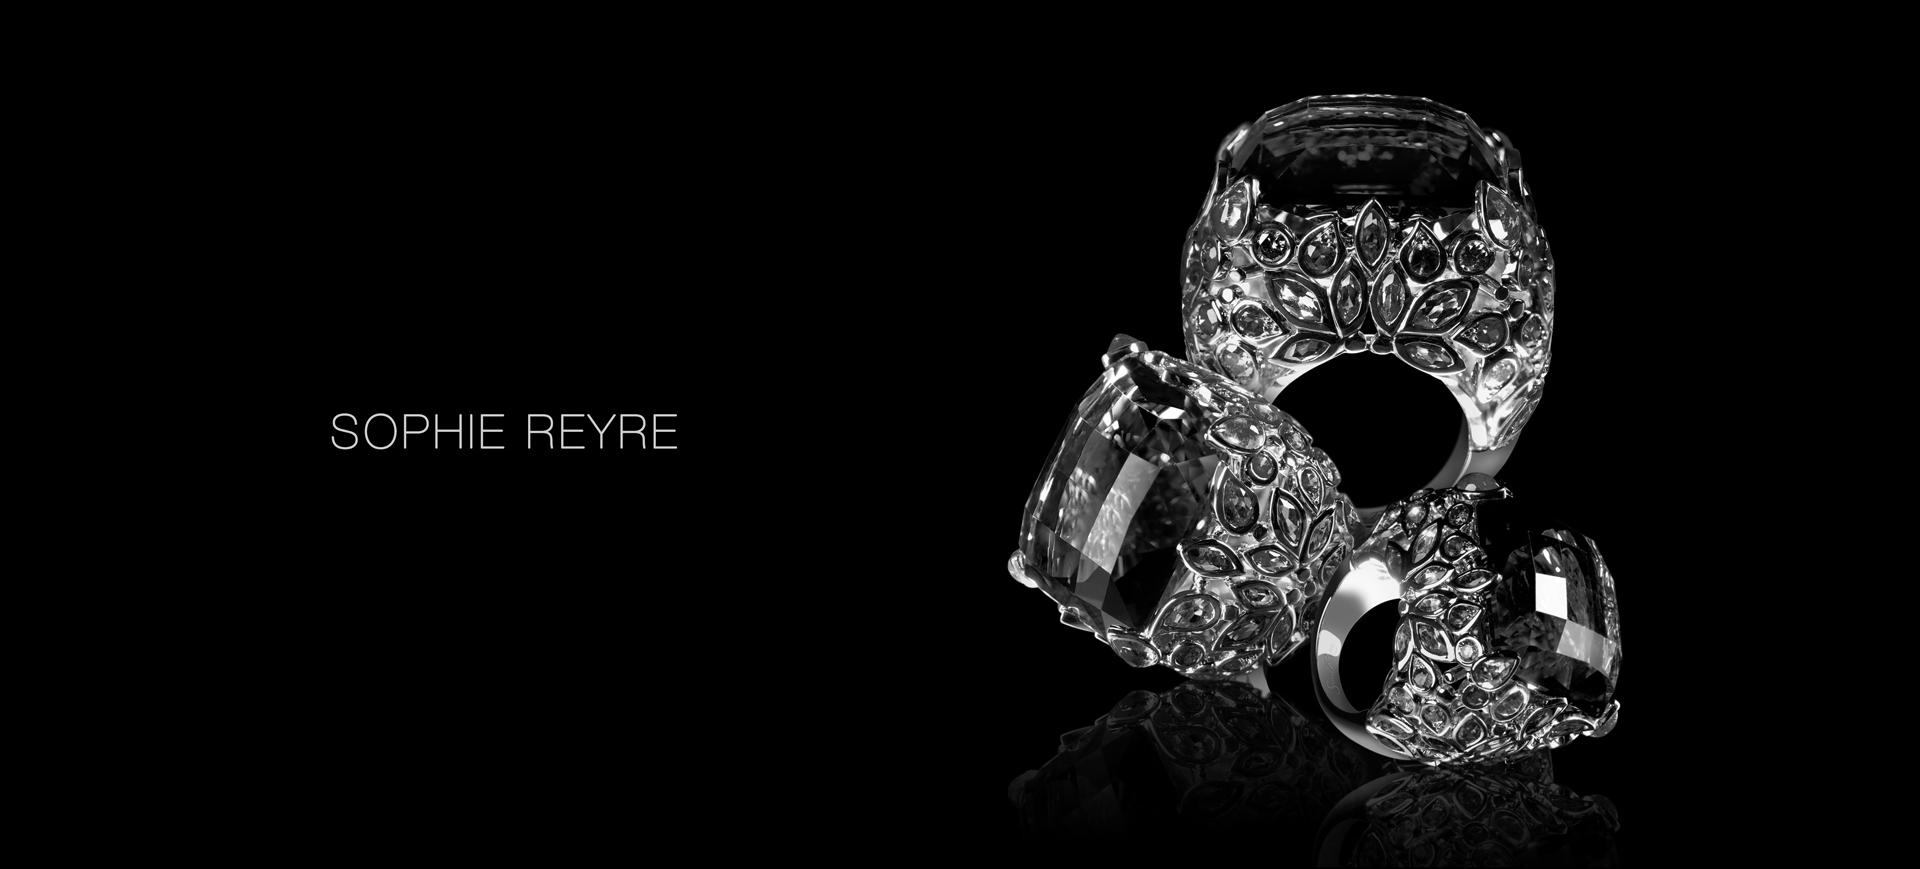 frederic mercier fashion photographer one color publicite objets produits packshot bijoux bague sophie reyre